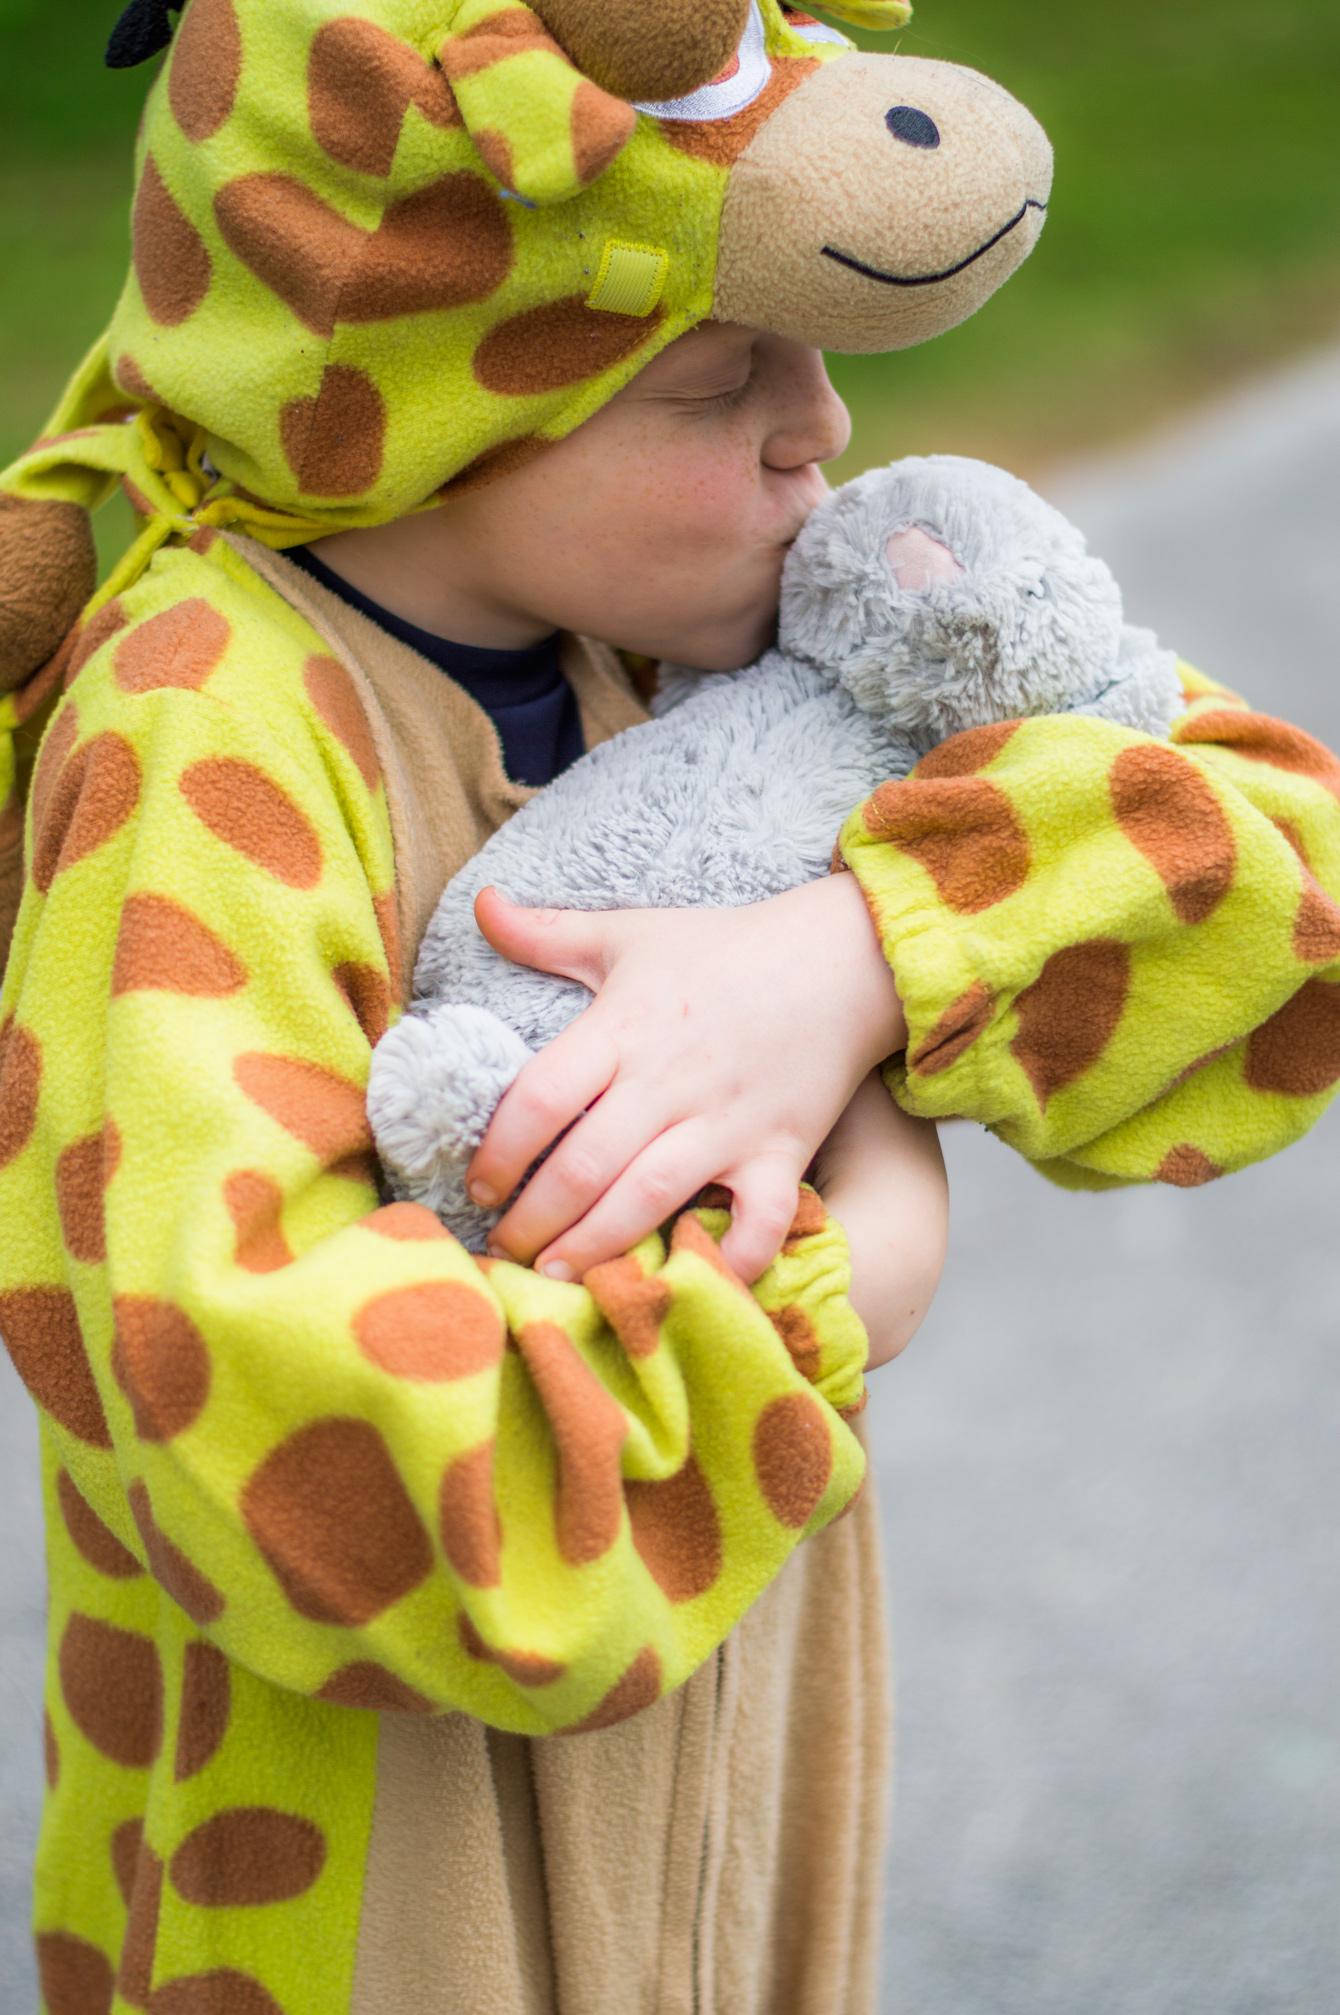 stuffed animal grows empathy